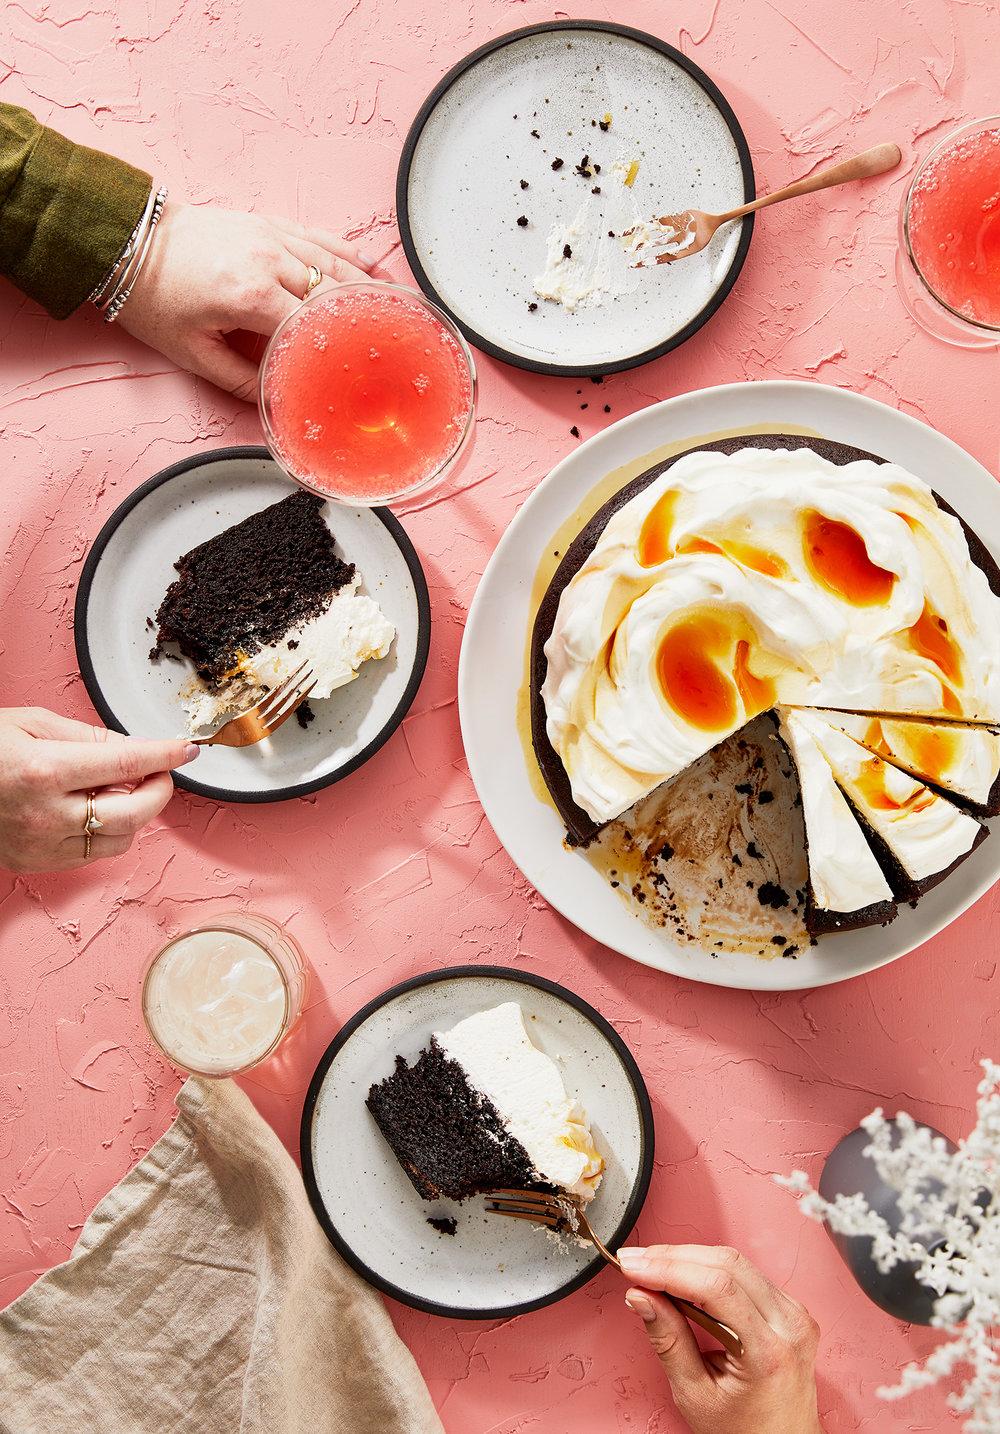 Cake_Partytable_01_©LeilaAshtari_v3_WEBOPT.jpg